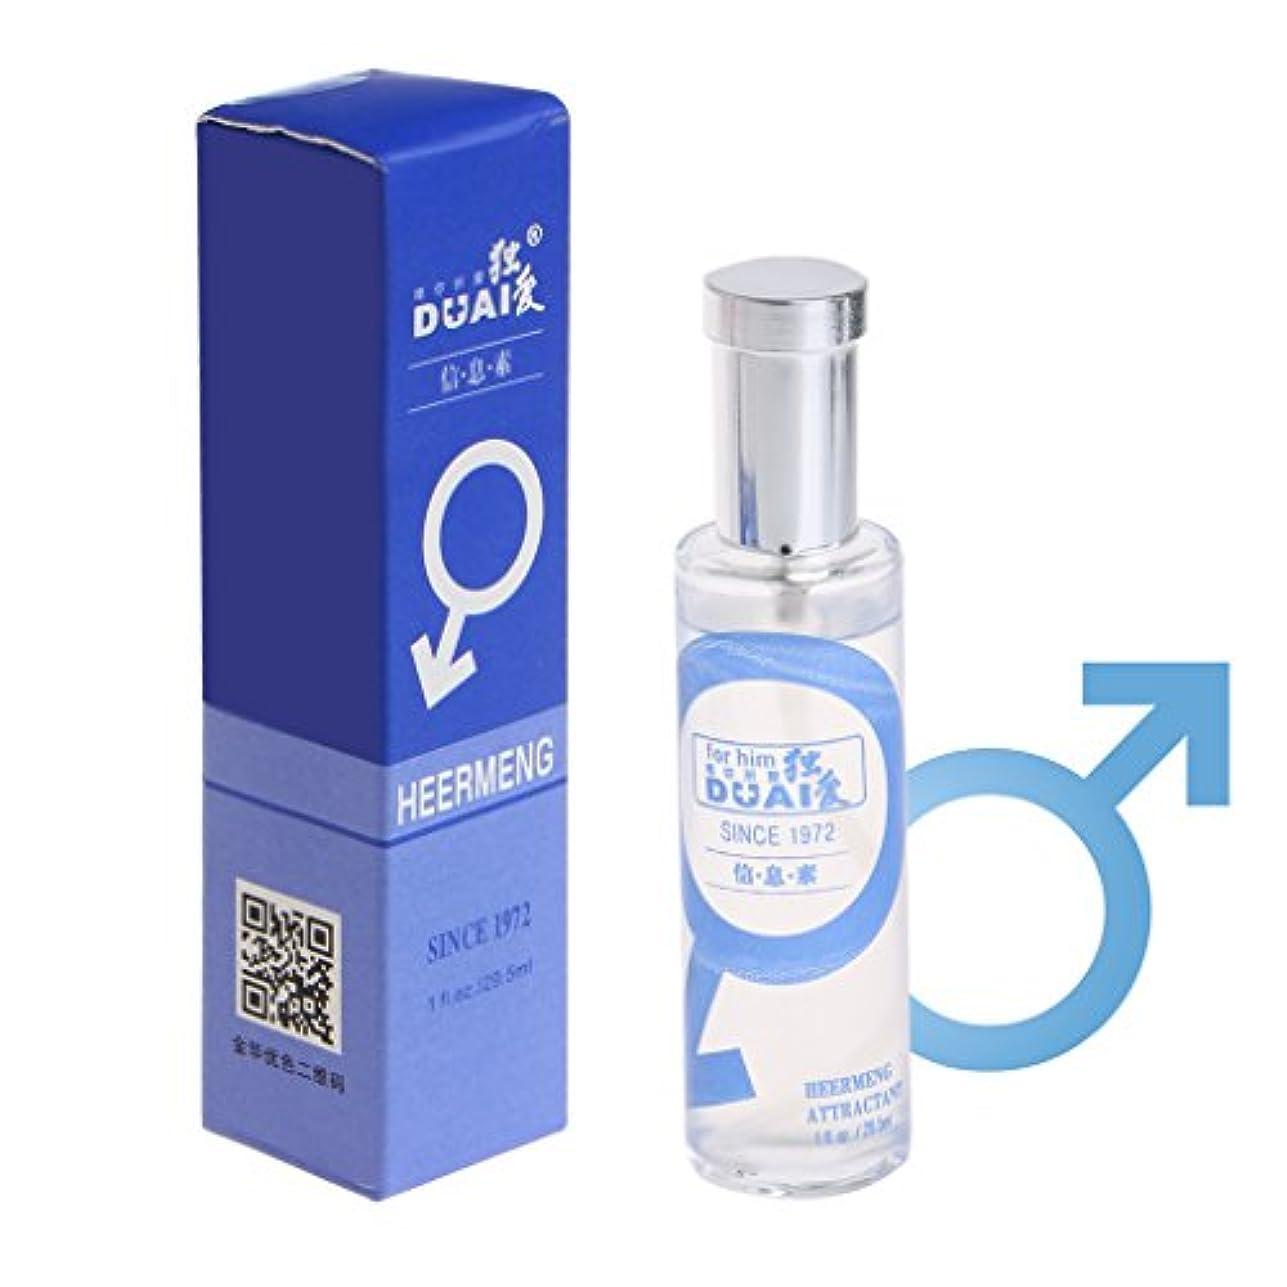 冗談でアレルギー性遅らせるJAGETRADEセクシーな香水香水ボディスプレーオイルフェロモン男性の性のおもちゃのための媚薬の供給